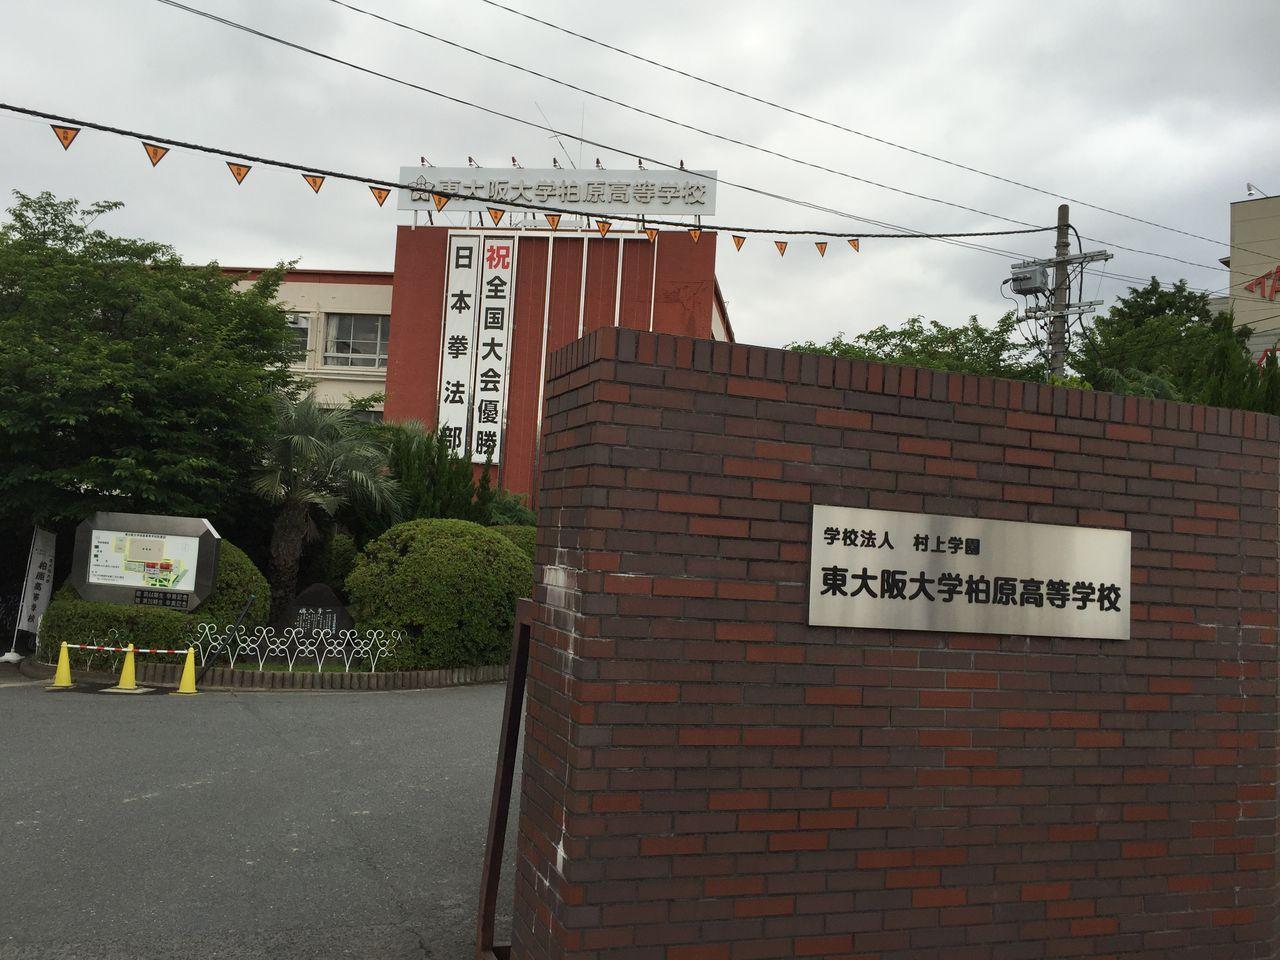 大学 学校 大阪 高等 東 柏原